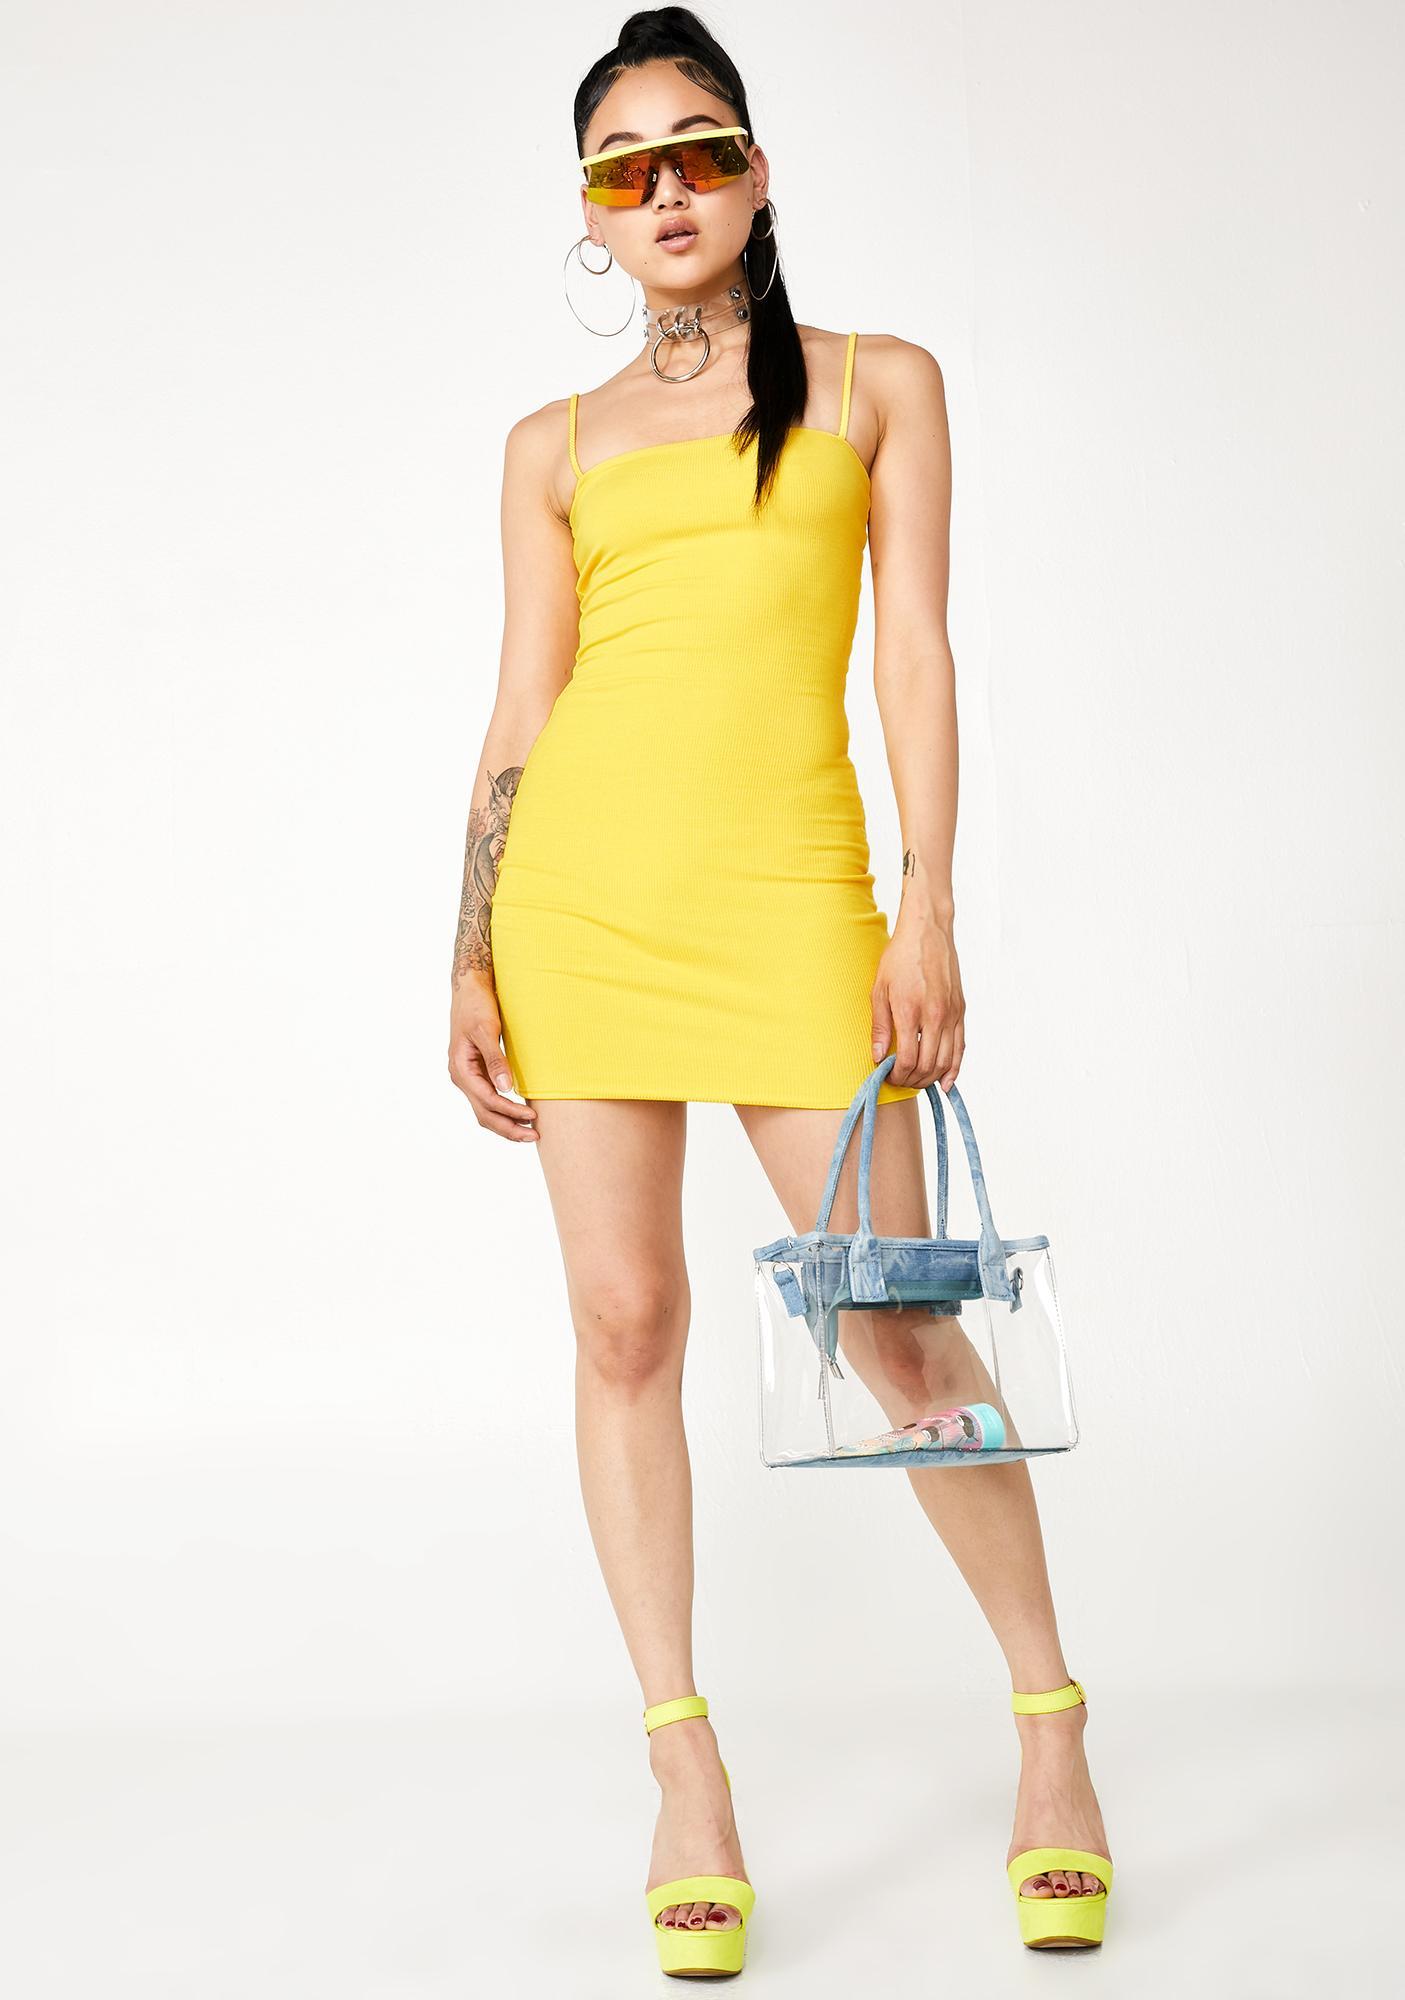 Zesty It Gurl Mini Tank Dress